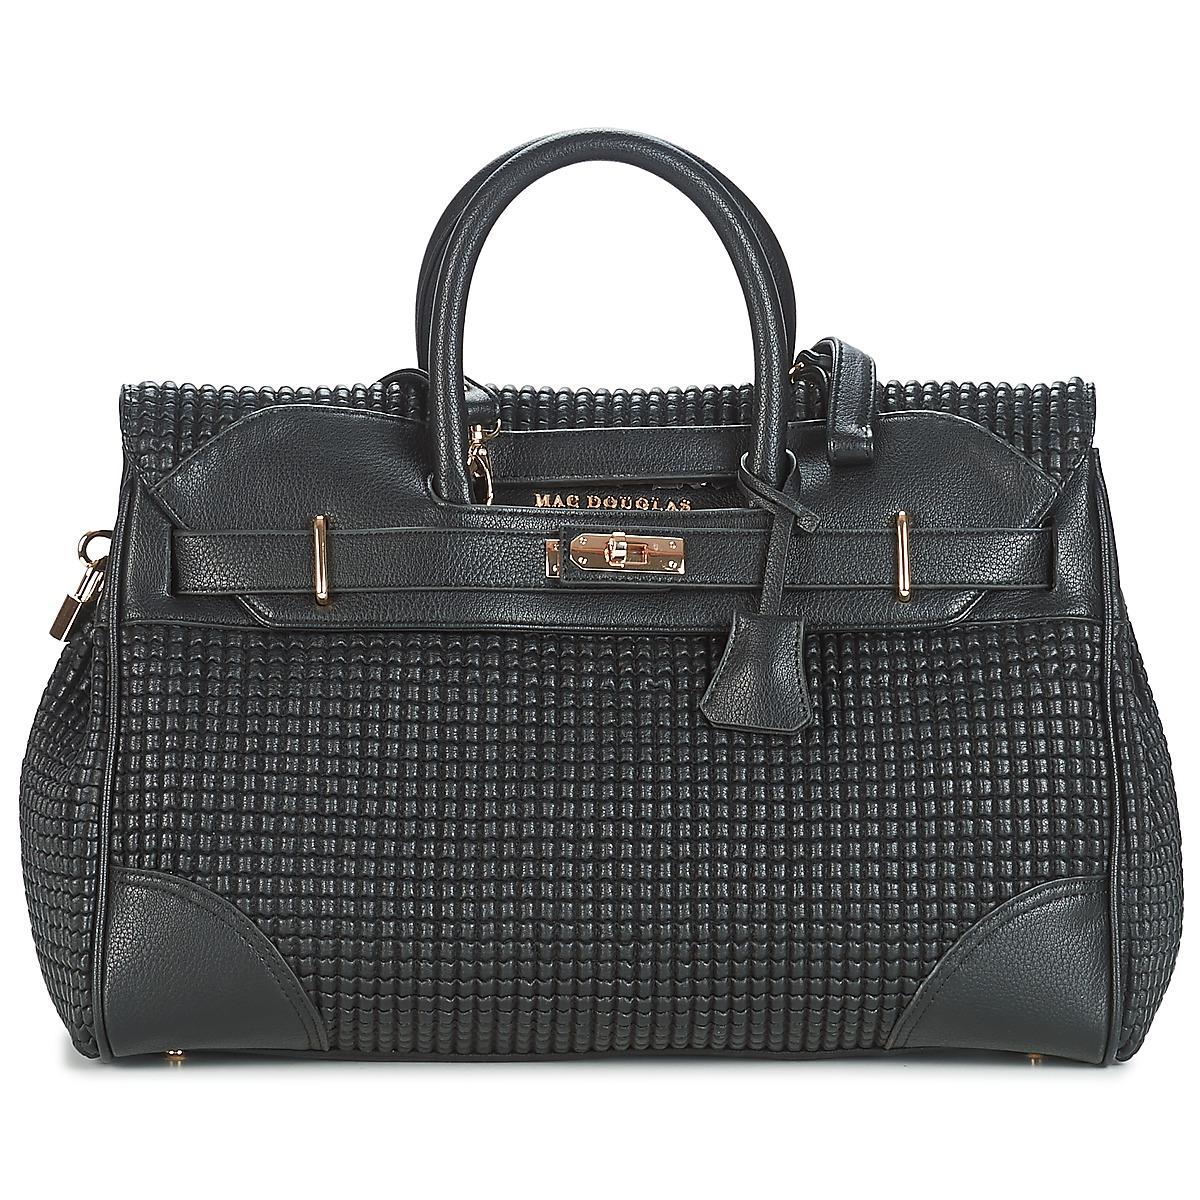 mac douglas bryan pyla s noir livraison gratuite avec sacs sacs port main. Black Bedroom Furniture Sets. Home Design Ideas